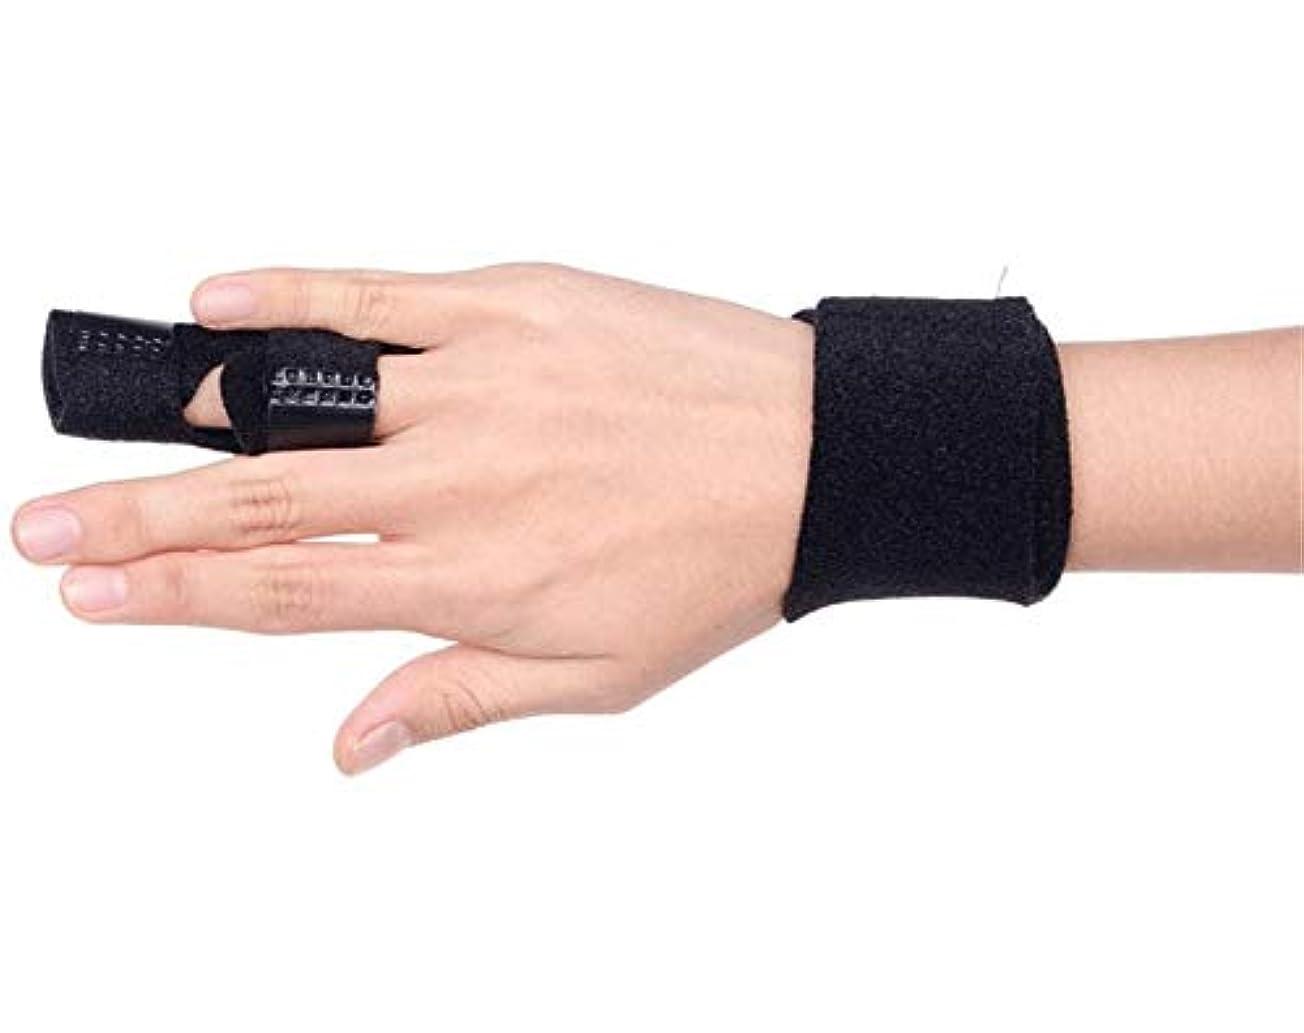 高めるわかりやすい地平線調節可能な定着ベルトリリースし、痛みを軽減するFingerboardseparator - 中指、薬指、人差し指ブレースのためのフィンガースプリント-Fingerインソールフィンガースプリント